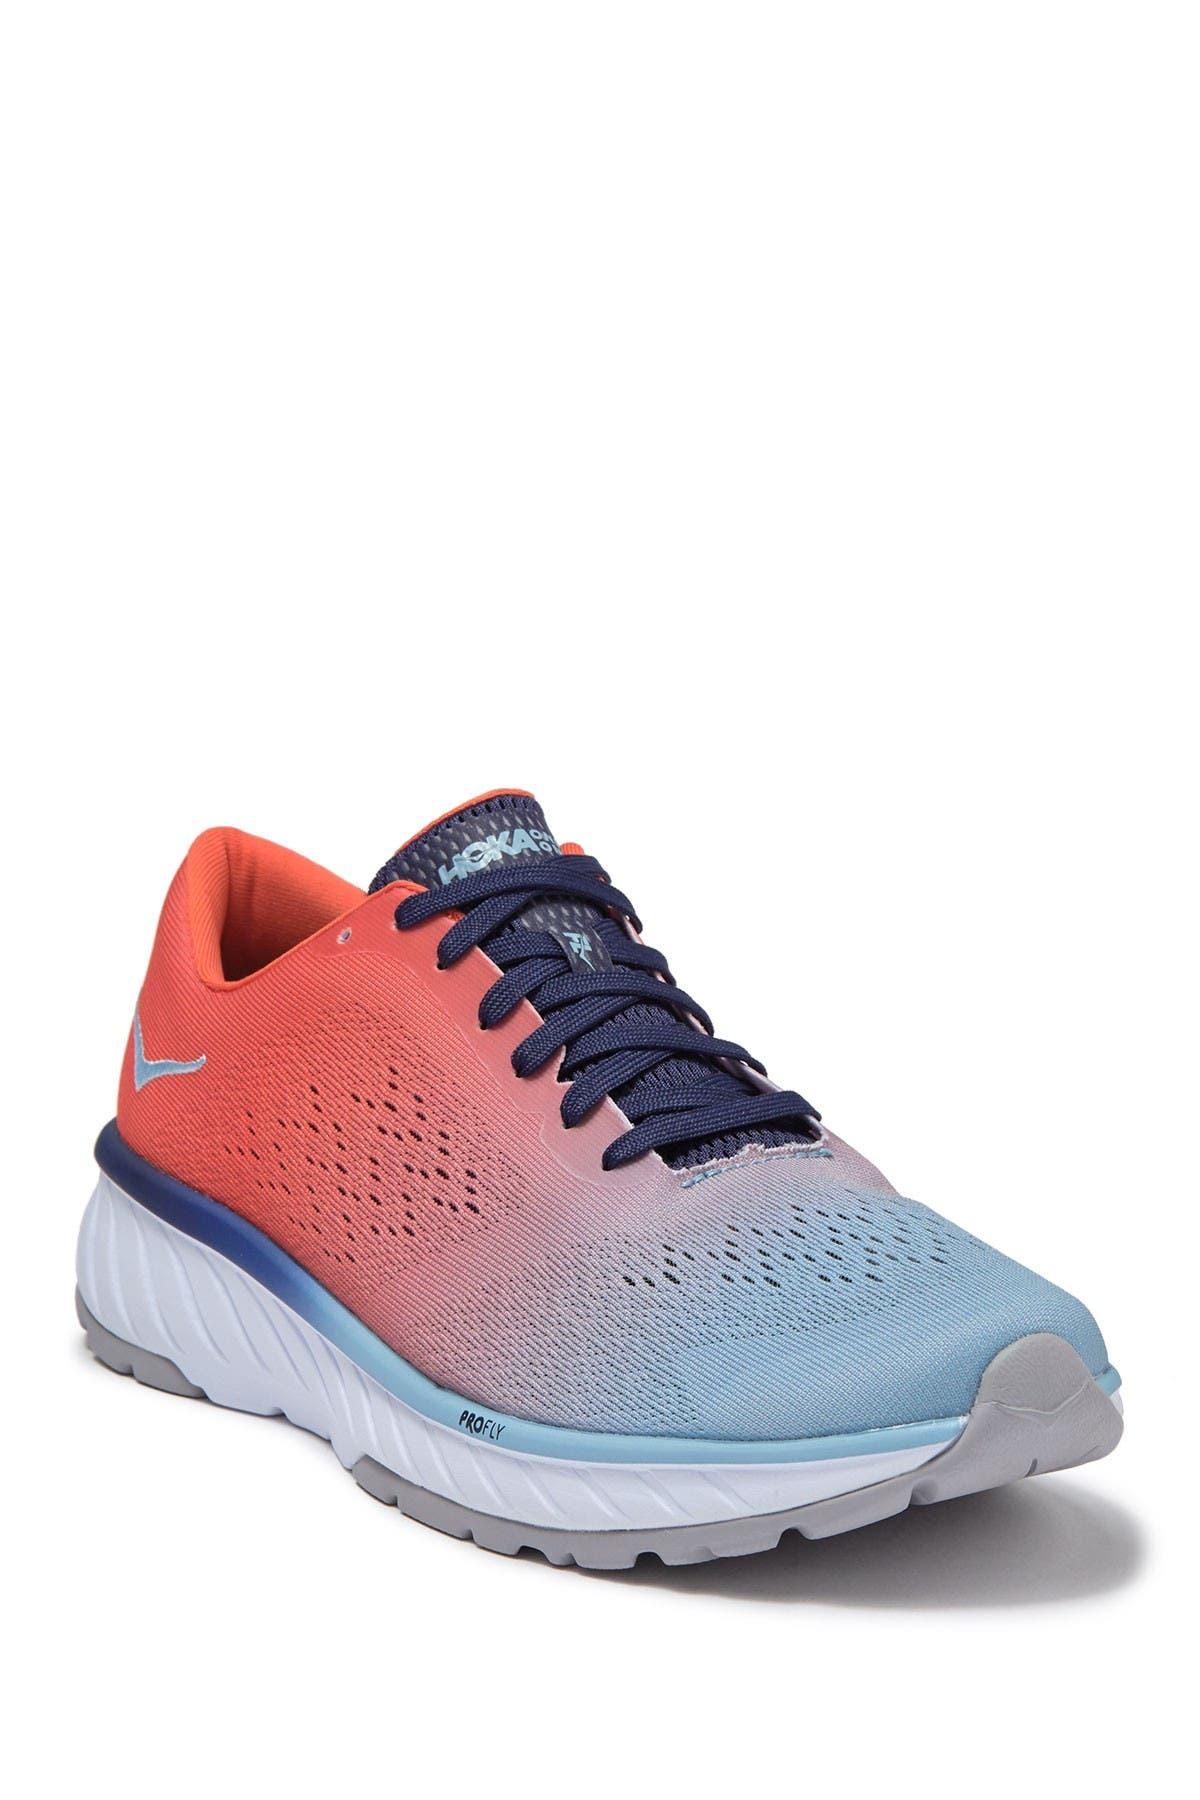 Hoka One One Cavu Running Shoe In Nfrg